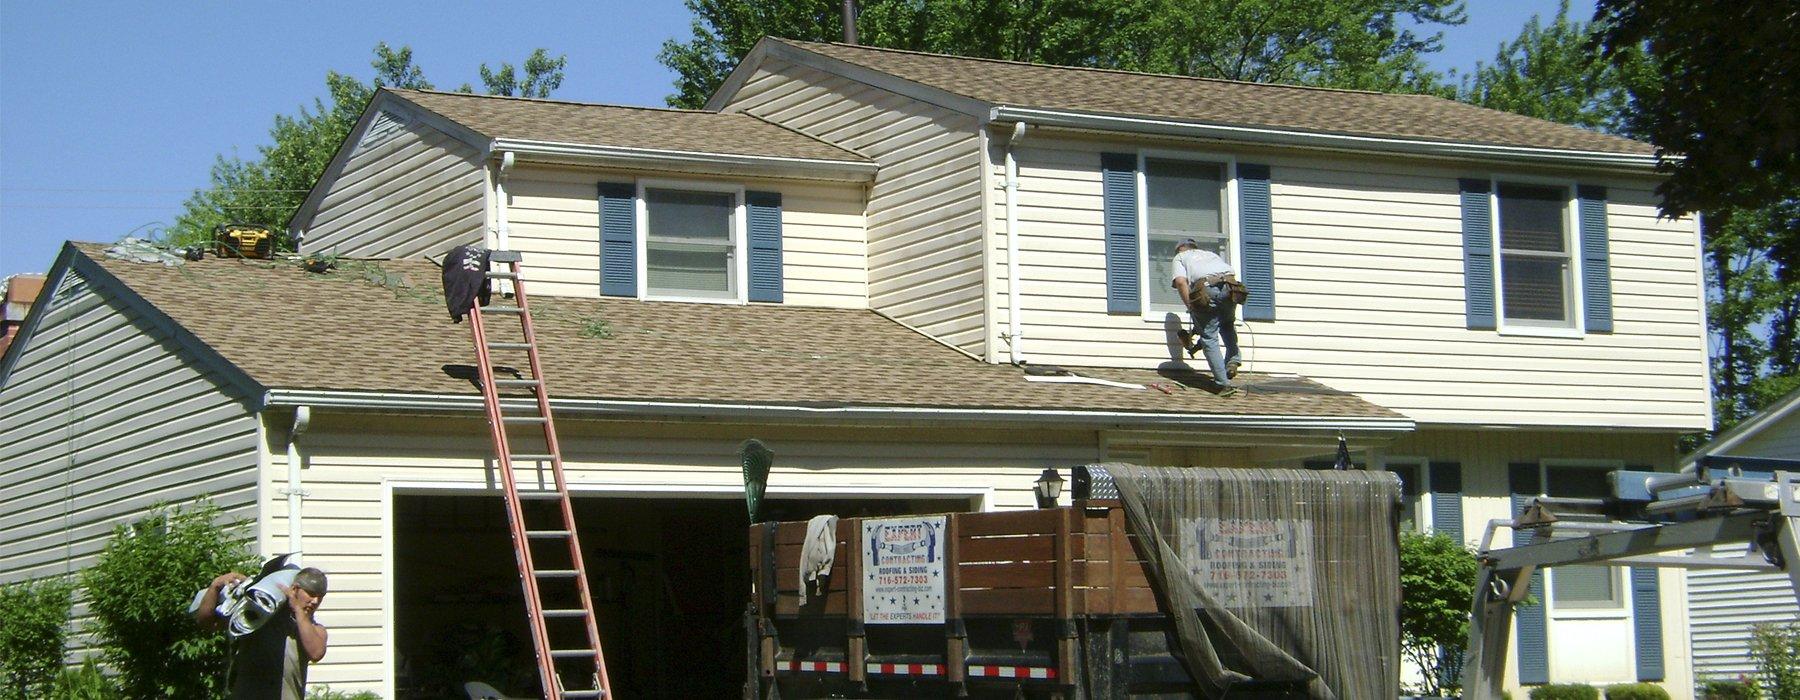 Roof Installation Cheektowaga, NY